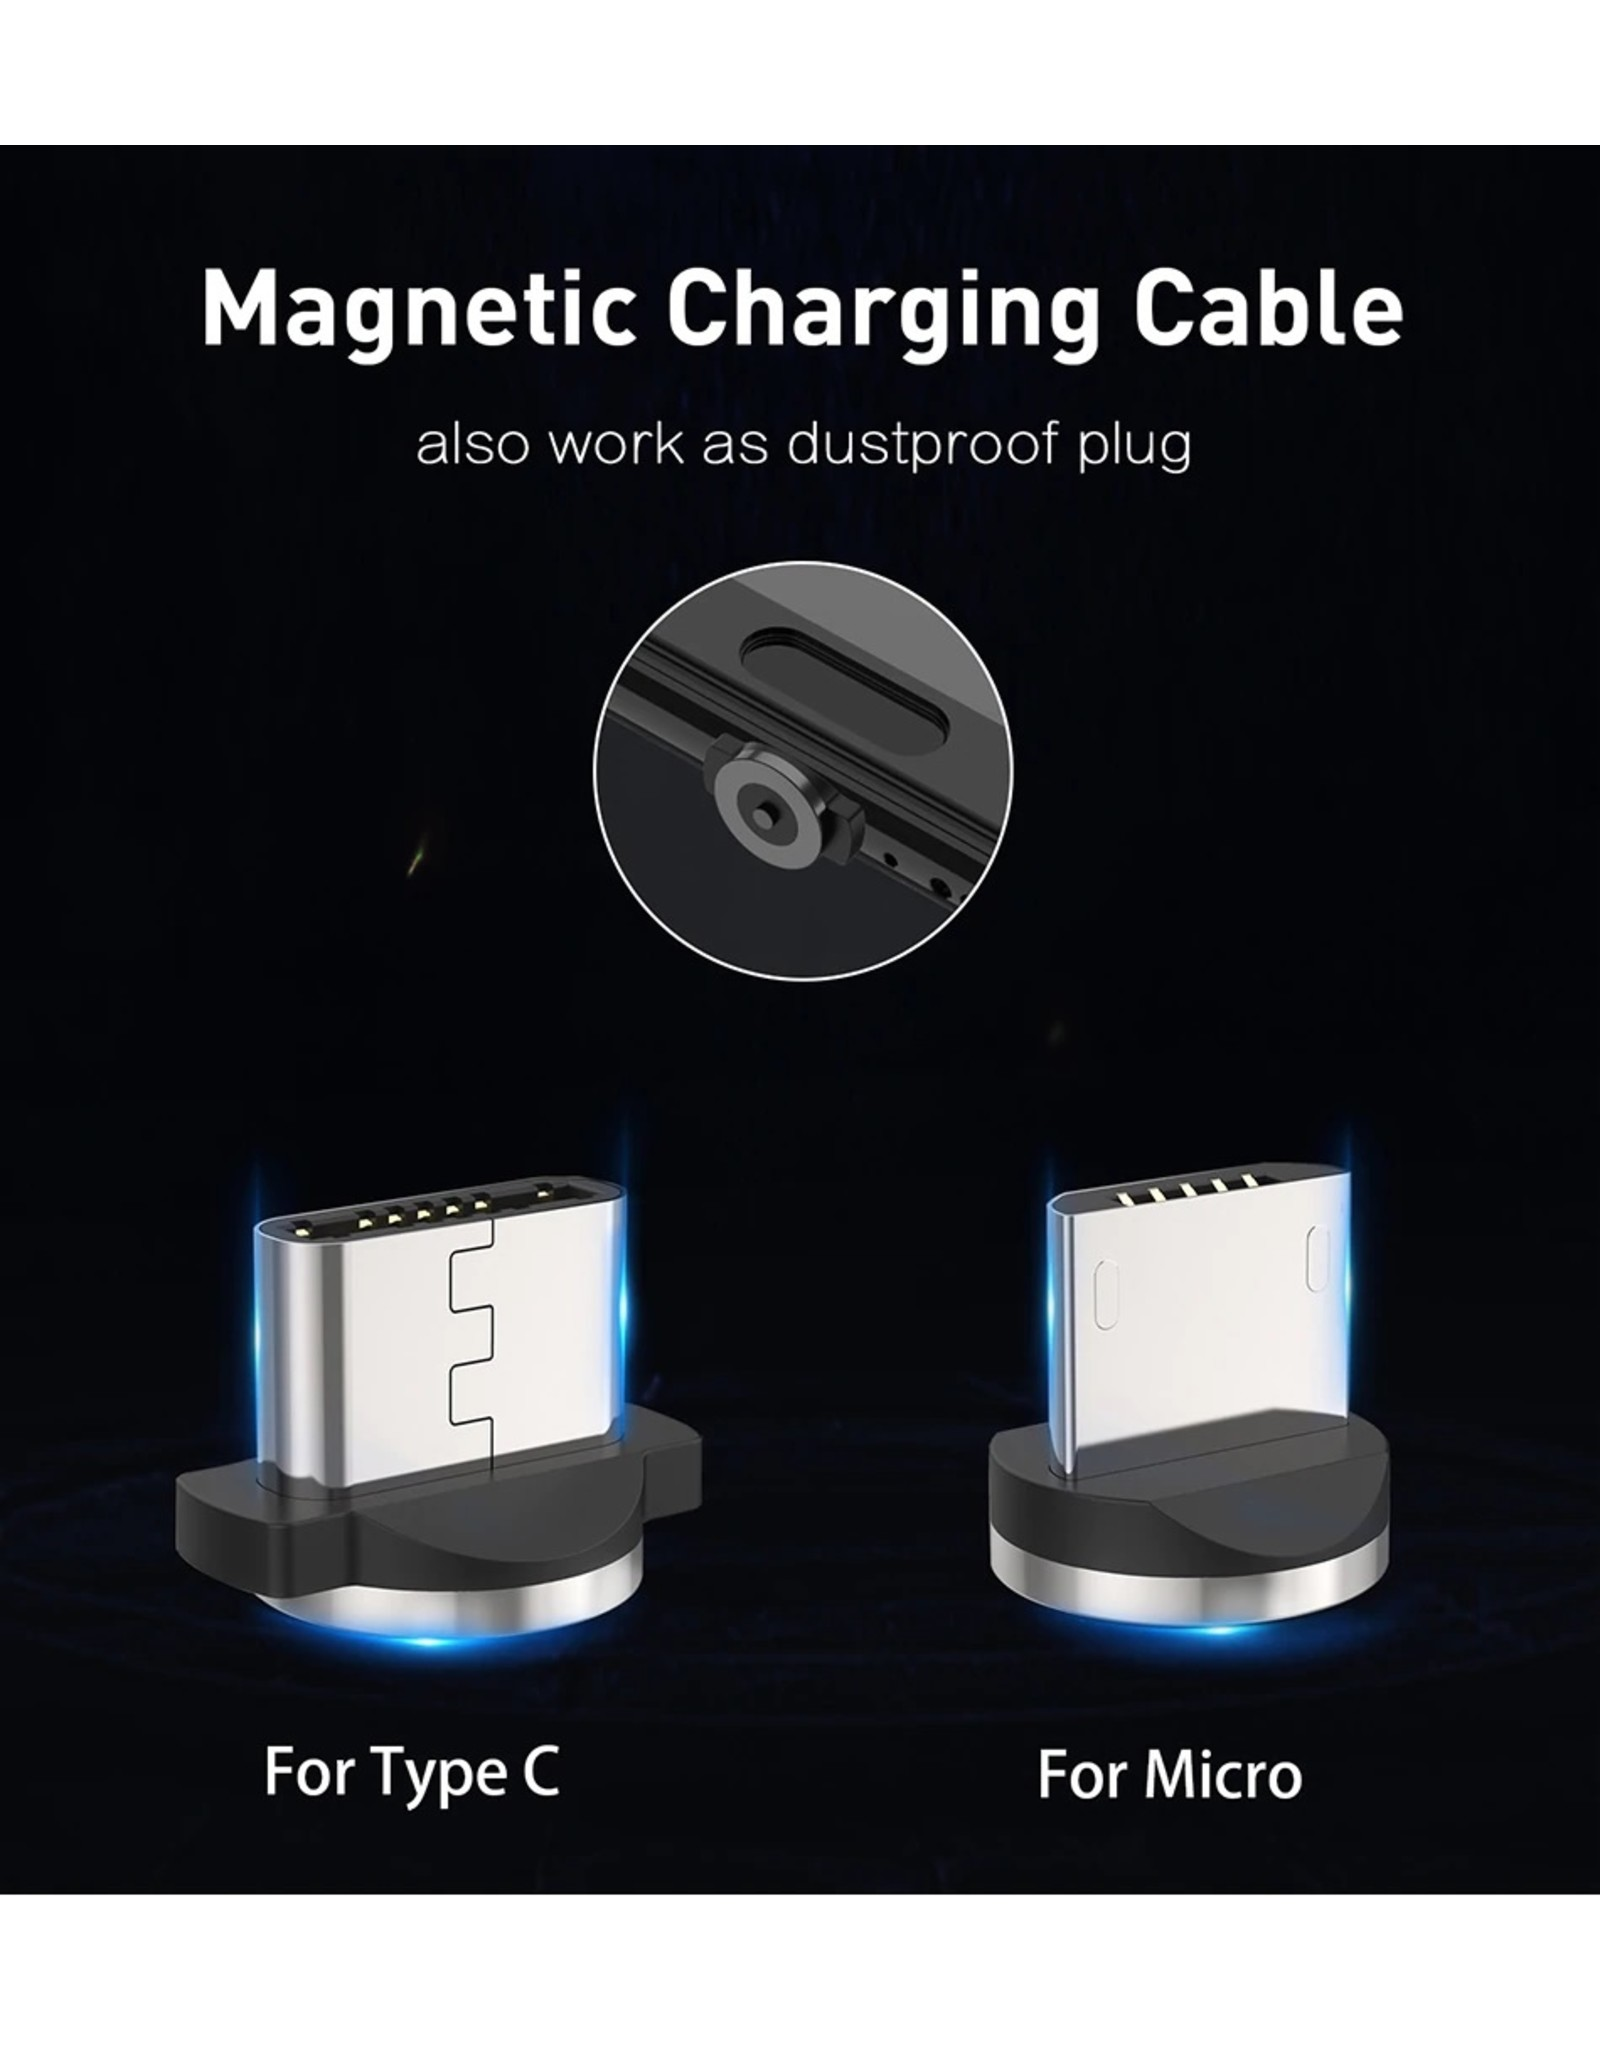 Magnetische Oplaadkabel - Magneet met Micro-USB adapter - 360 graden – Laadkabel draaibaar